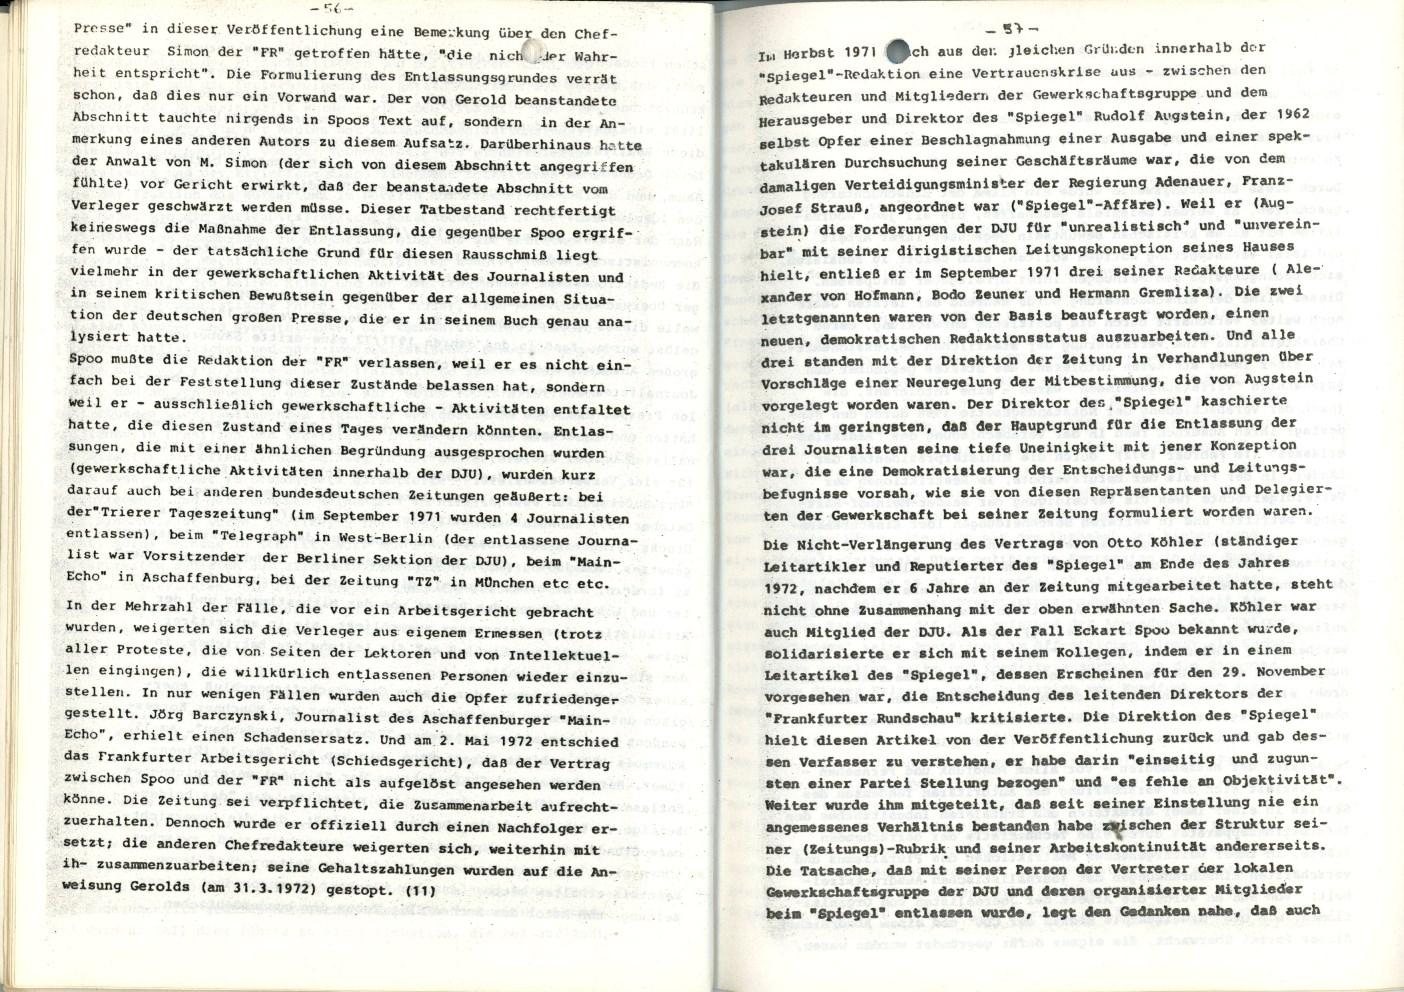 Hamburg_Vorbereitungsgruppe_Russell_Tribunal_Zensur_1978_29